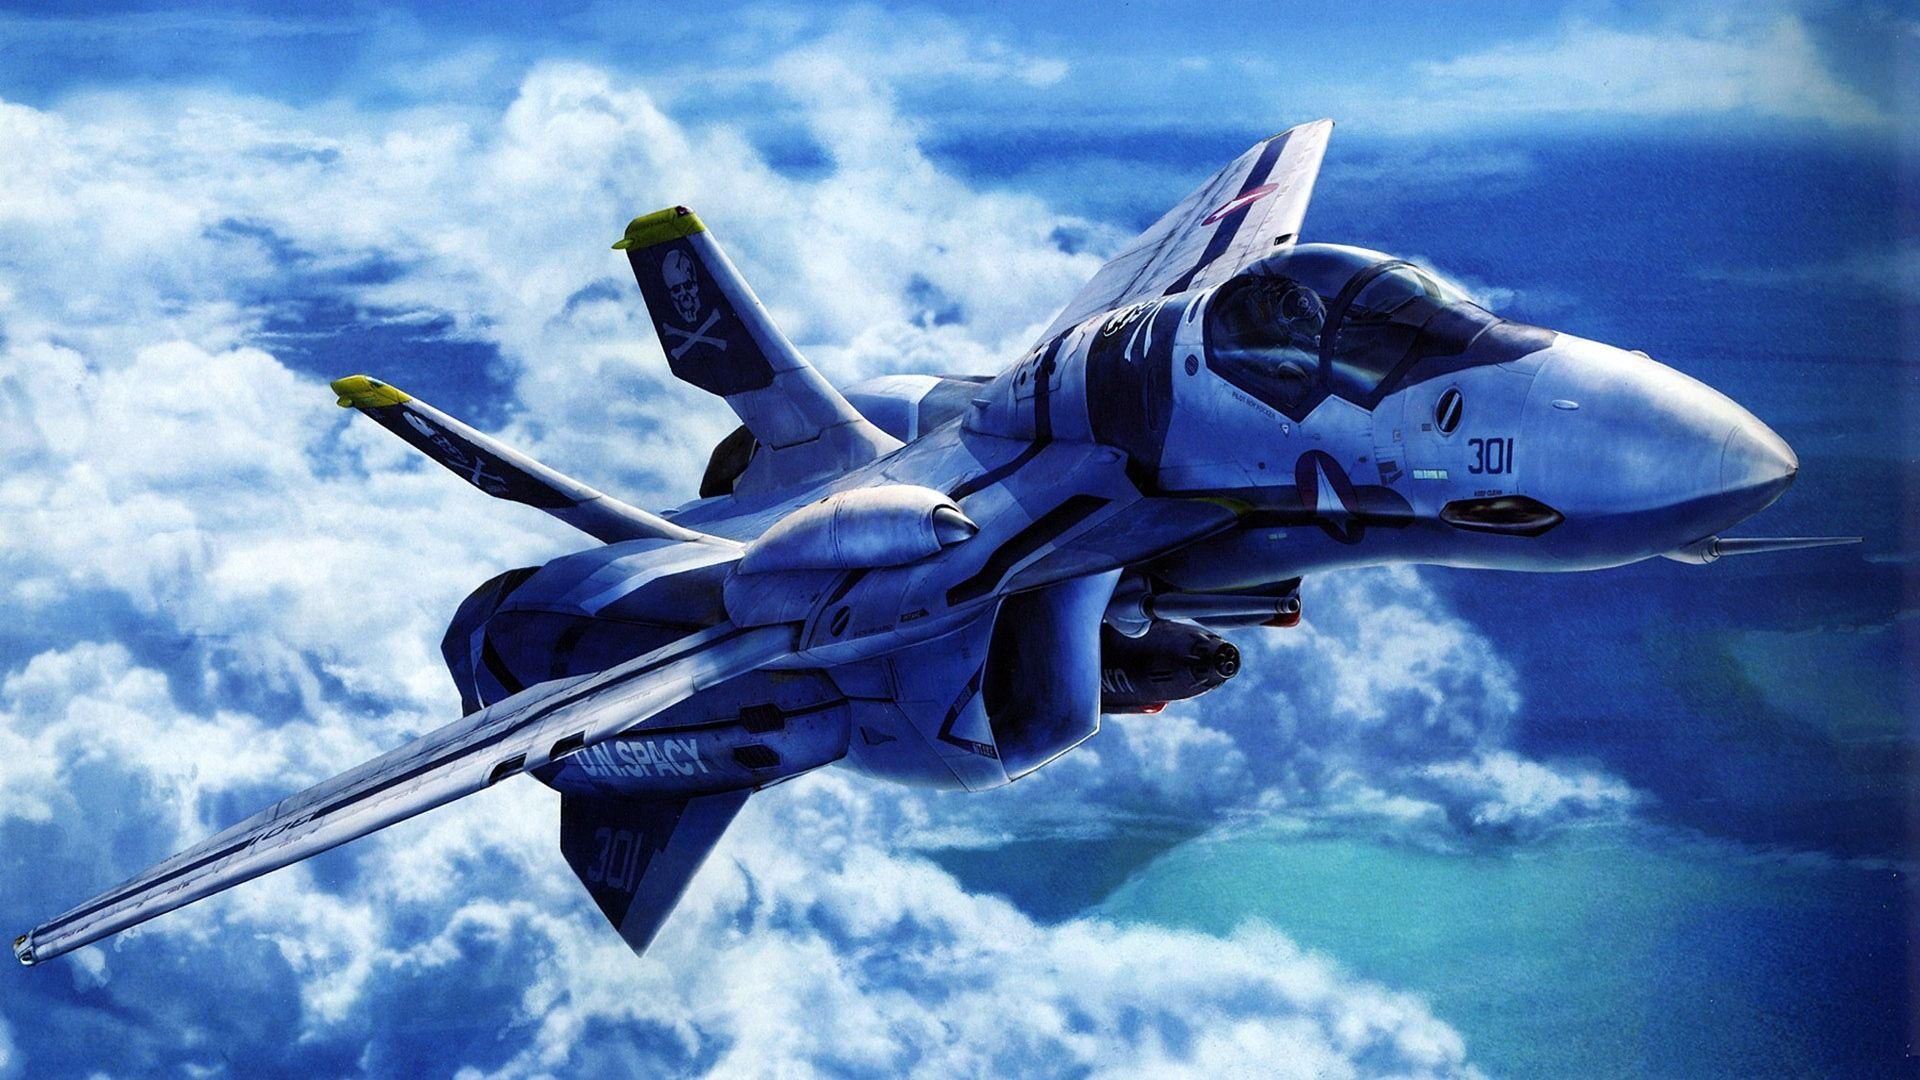 f-35 lightning ii vs f-22 raptor | finally we have the fighter jet